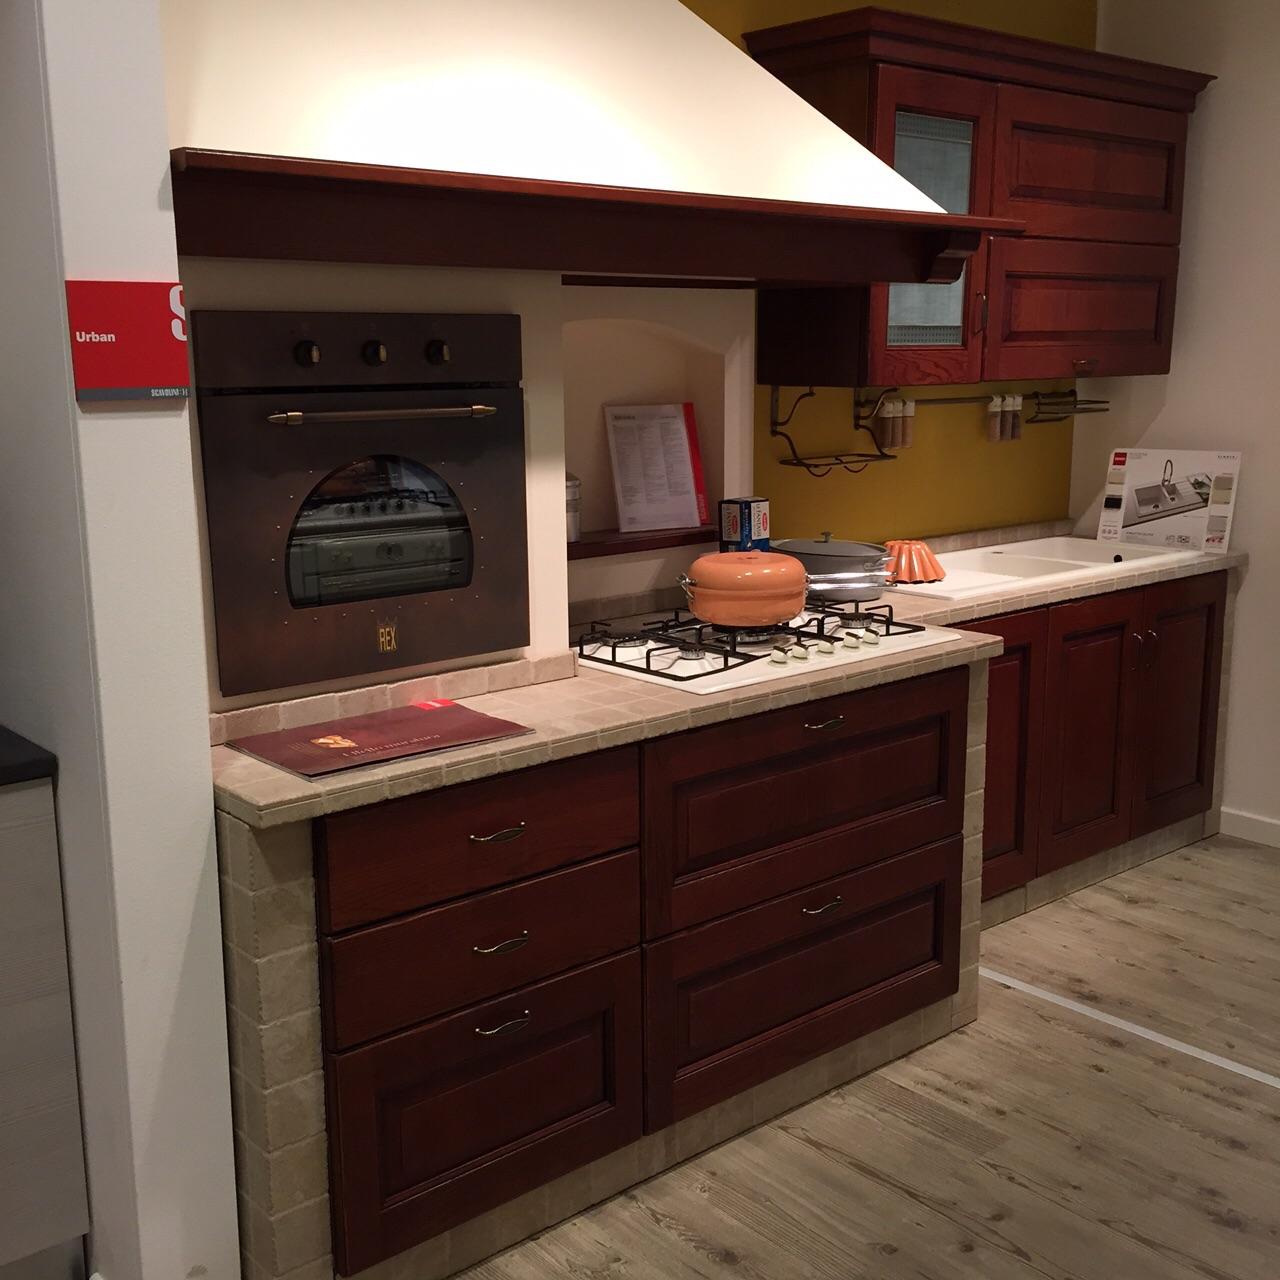 Cucina SCAVOLINI Liberamente mostra in promozione   Mobilificio 2000 ...